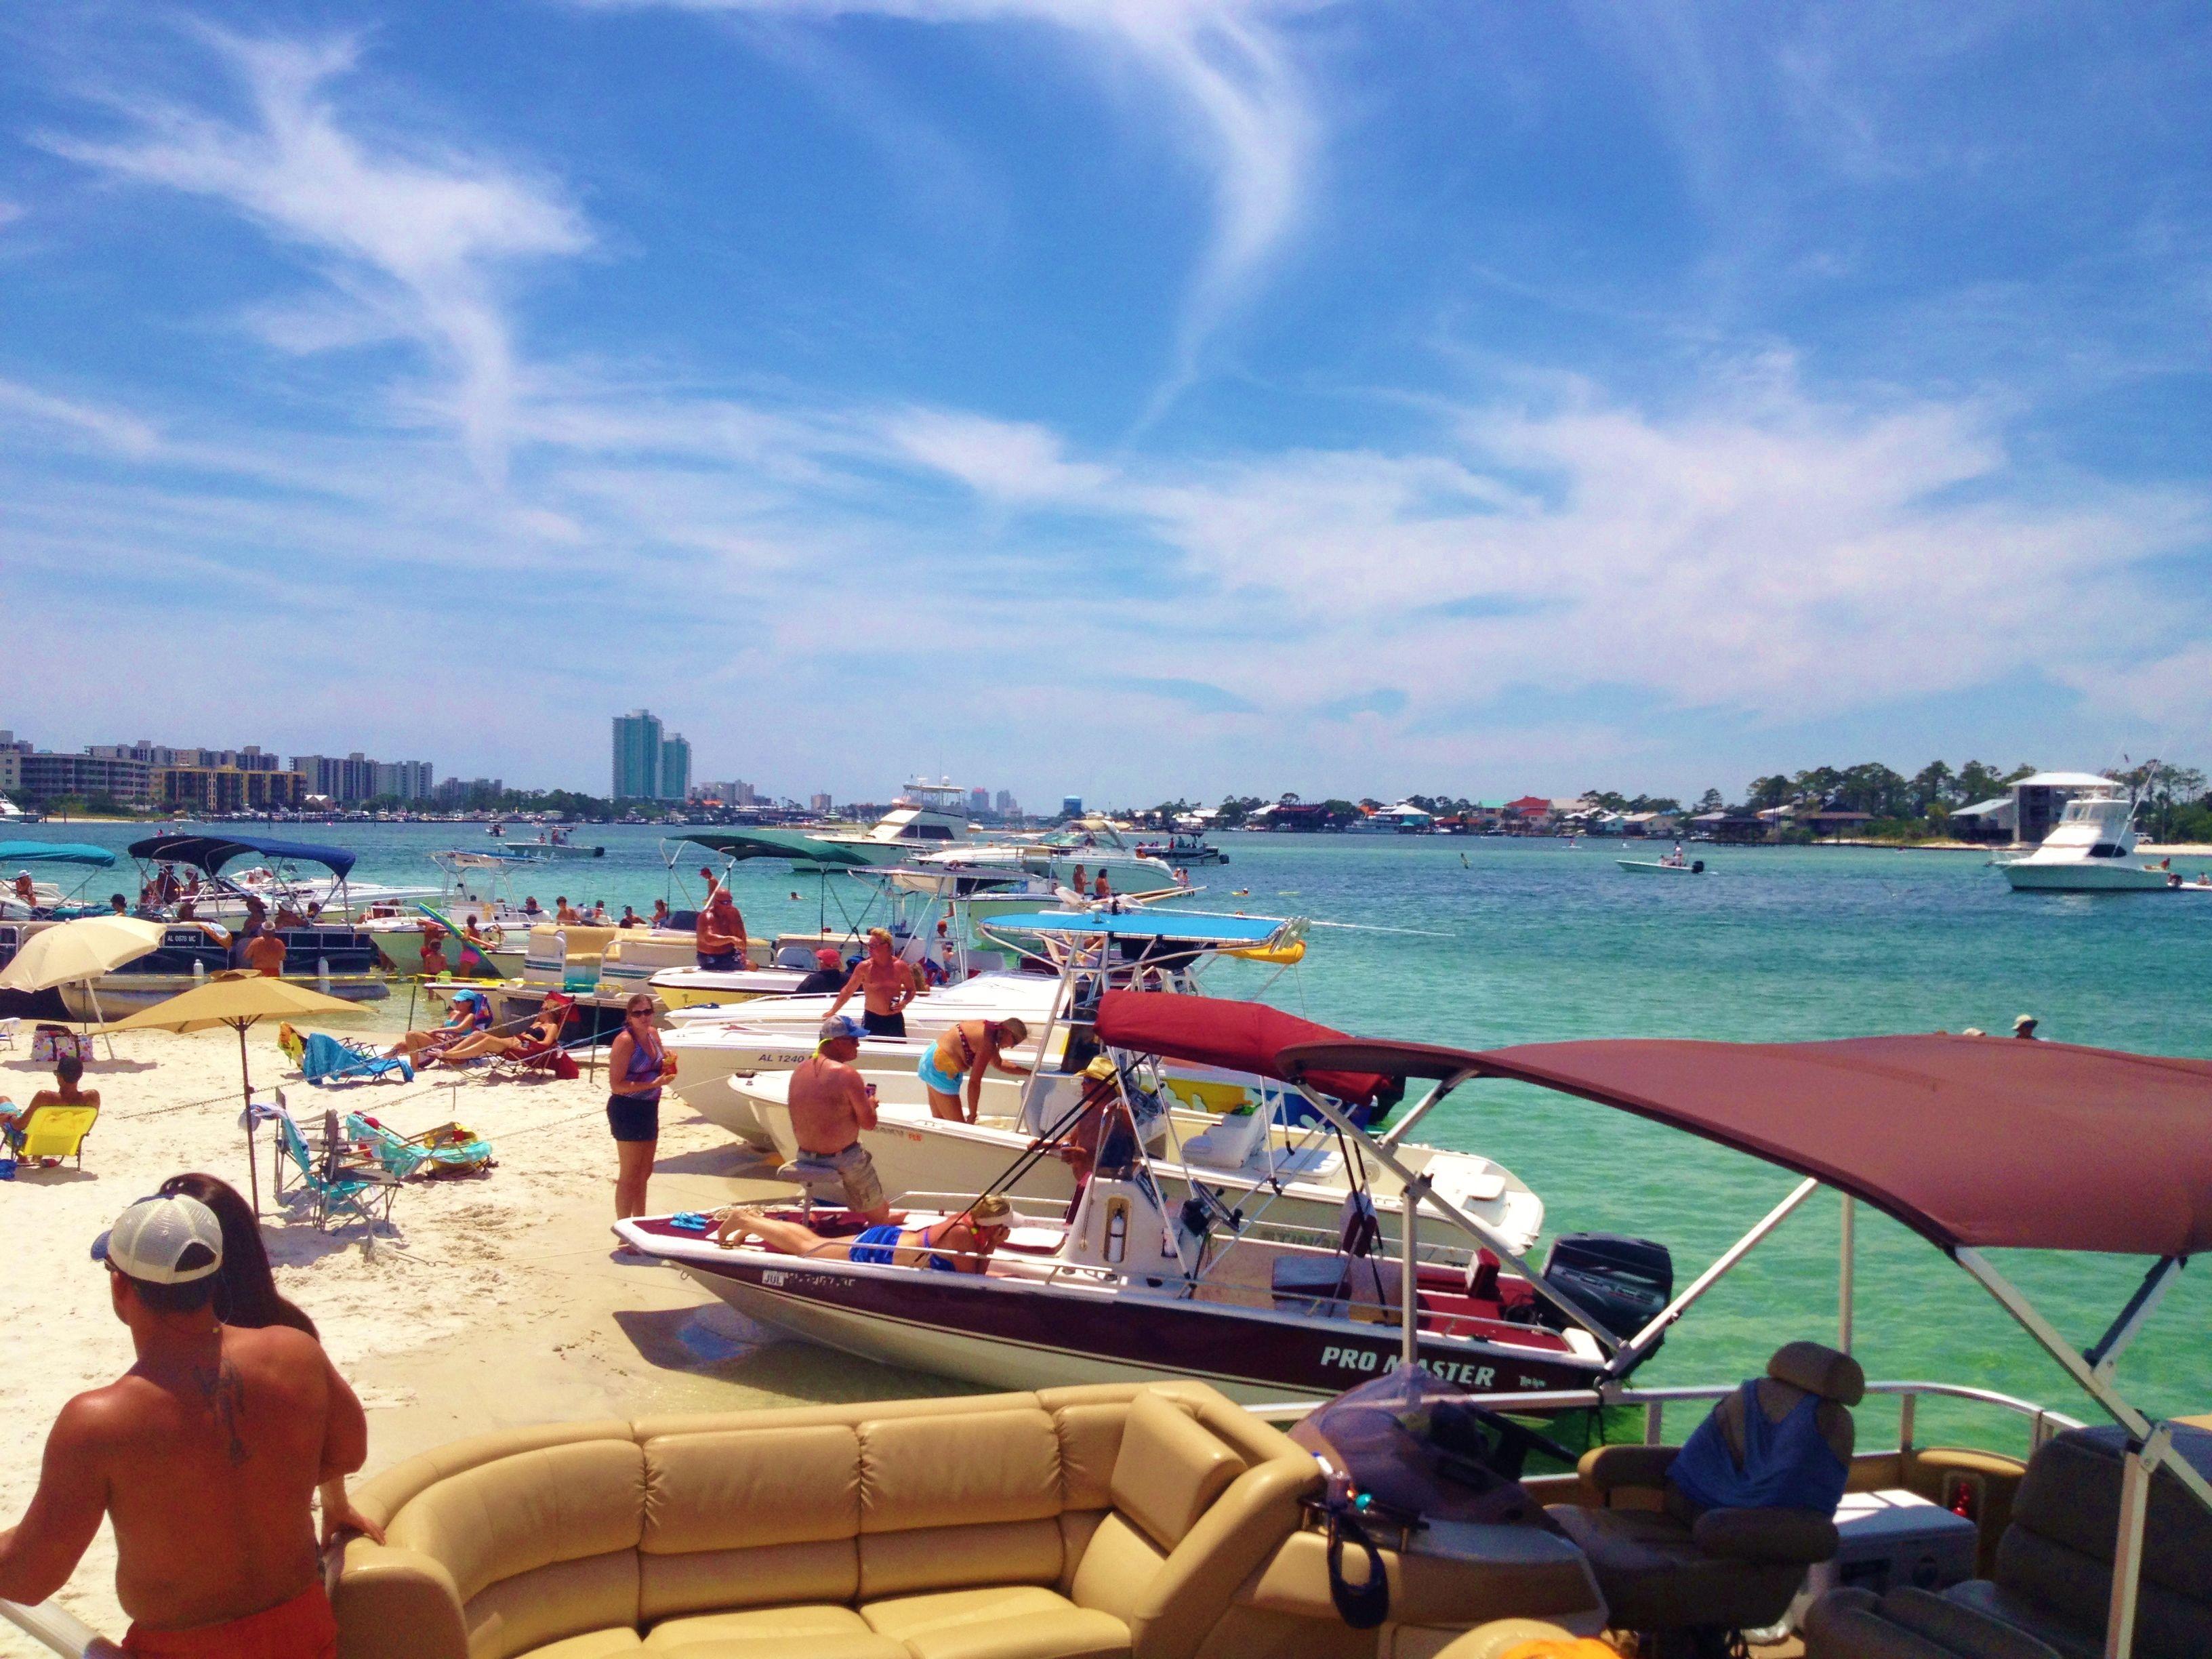 Boat Als Paddle Board Private Dolphin Cruises Gulf Ss Al